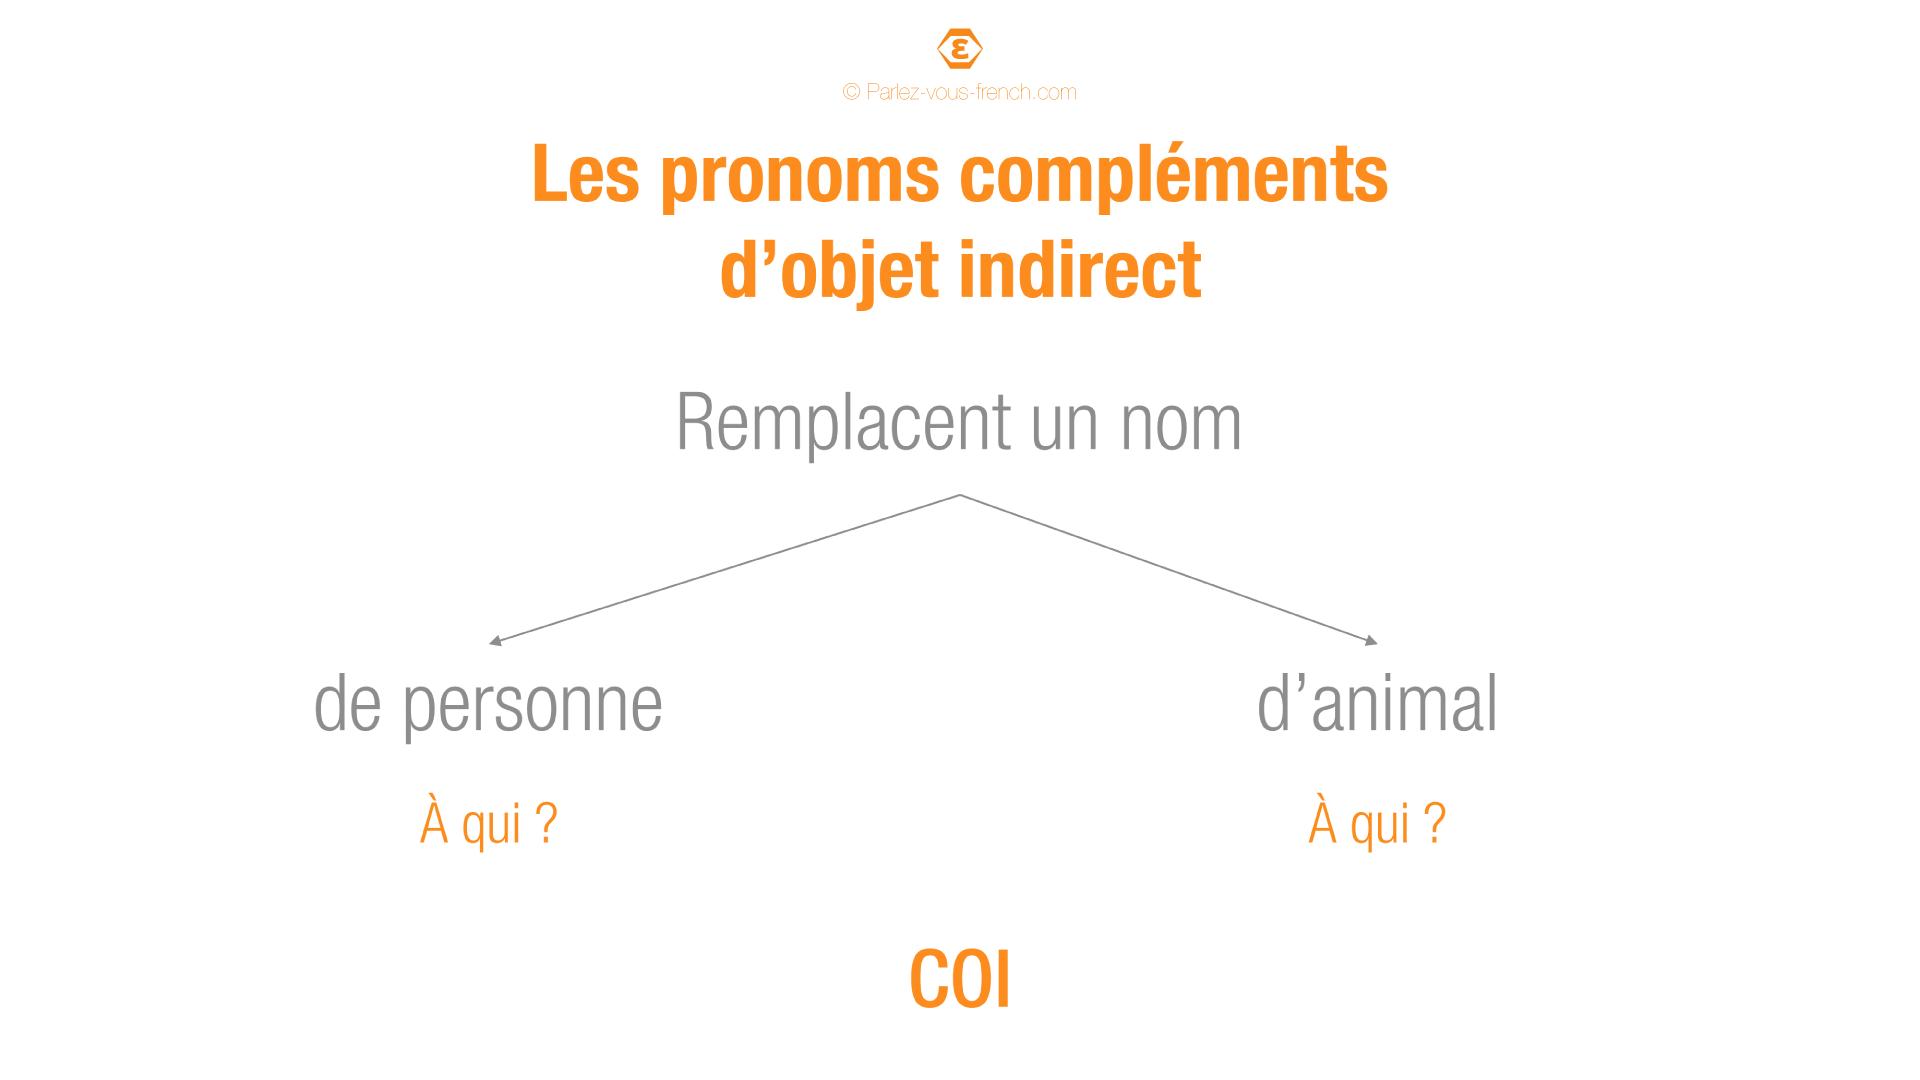 Utilisation des pronoms compléments d'objet indirect